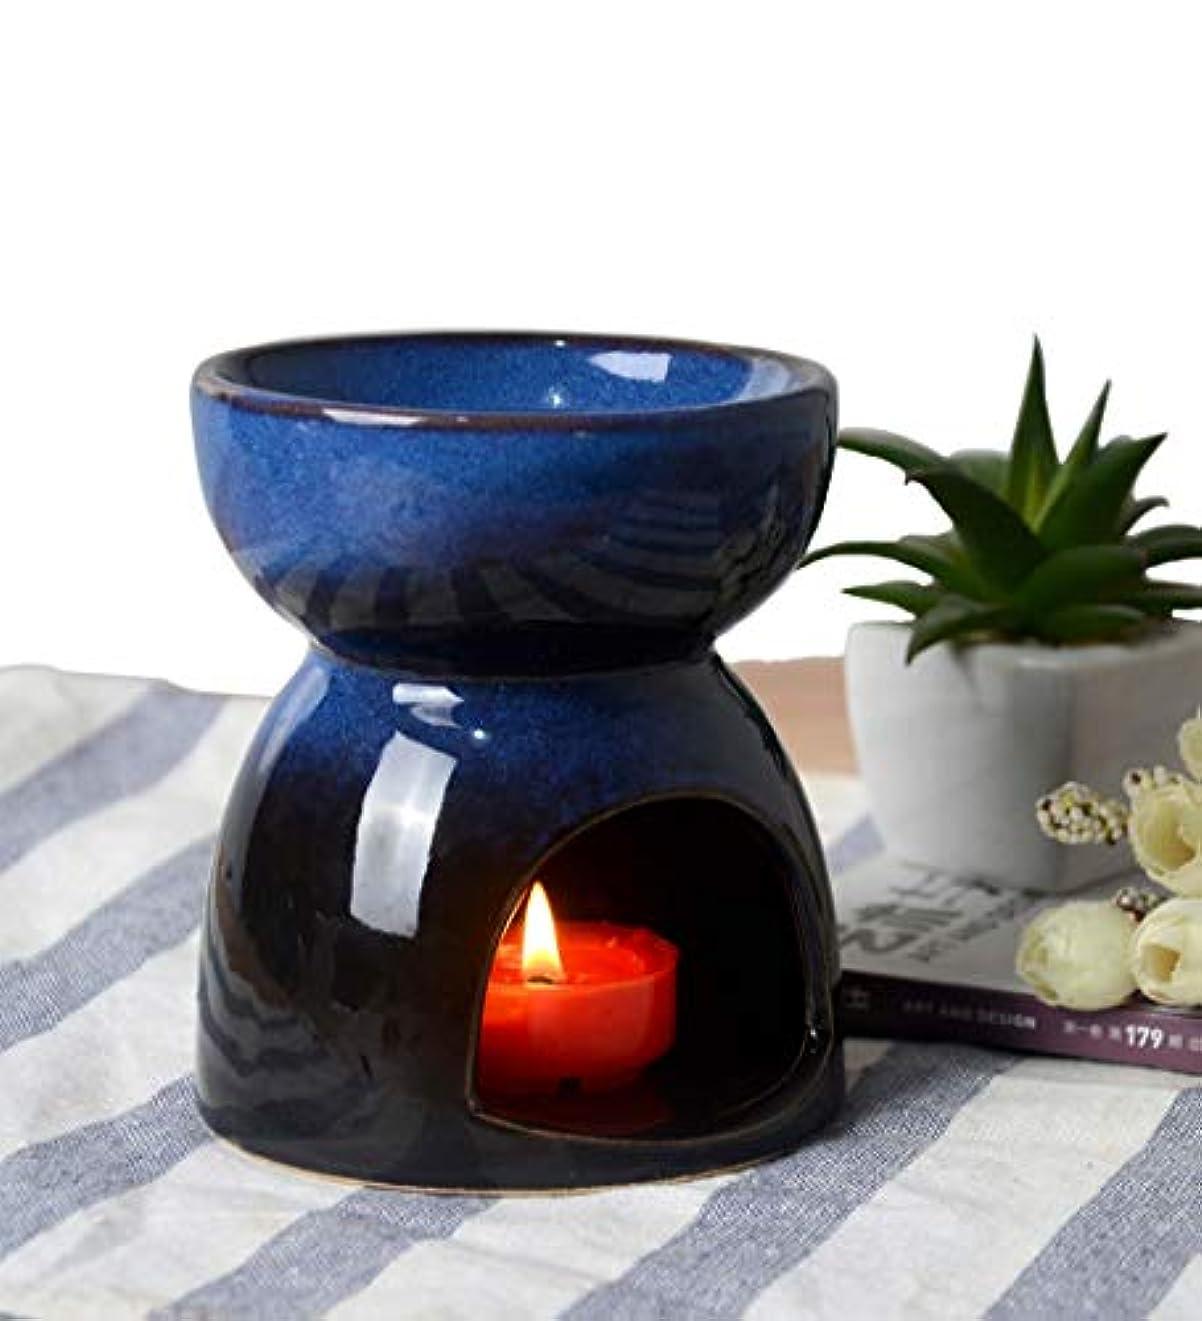 経験寝てる不振Hwagui お香 茶 香炉 アロマ炉 中空の彫刻工芸 癒し お茶の香り 陶器 置物 靑い